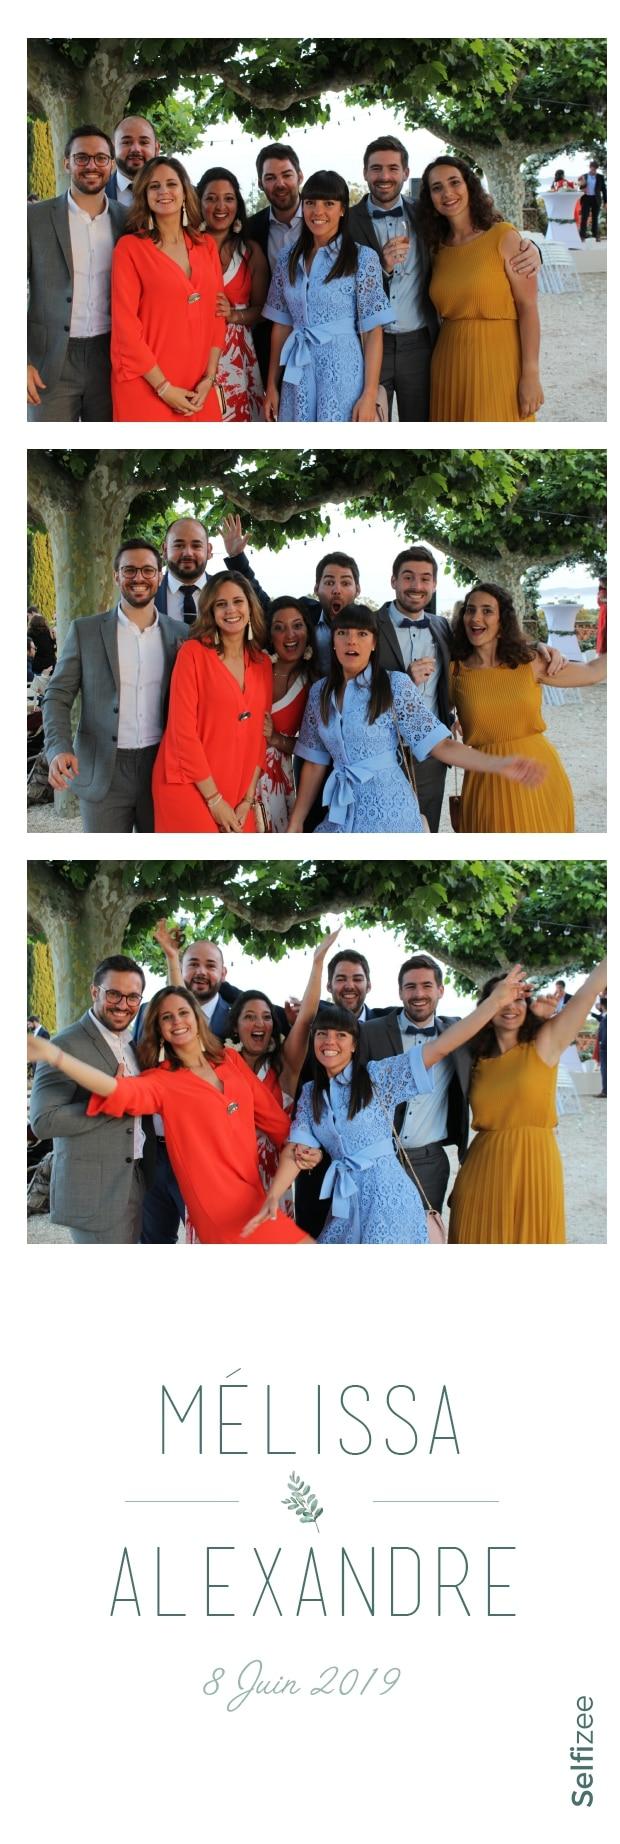 Album photo mariage avec photobooth connecté et impressions selfies - borne selfie à louer Toulon / Var pour animation fête mariage